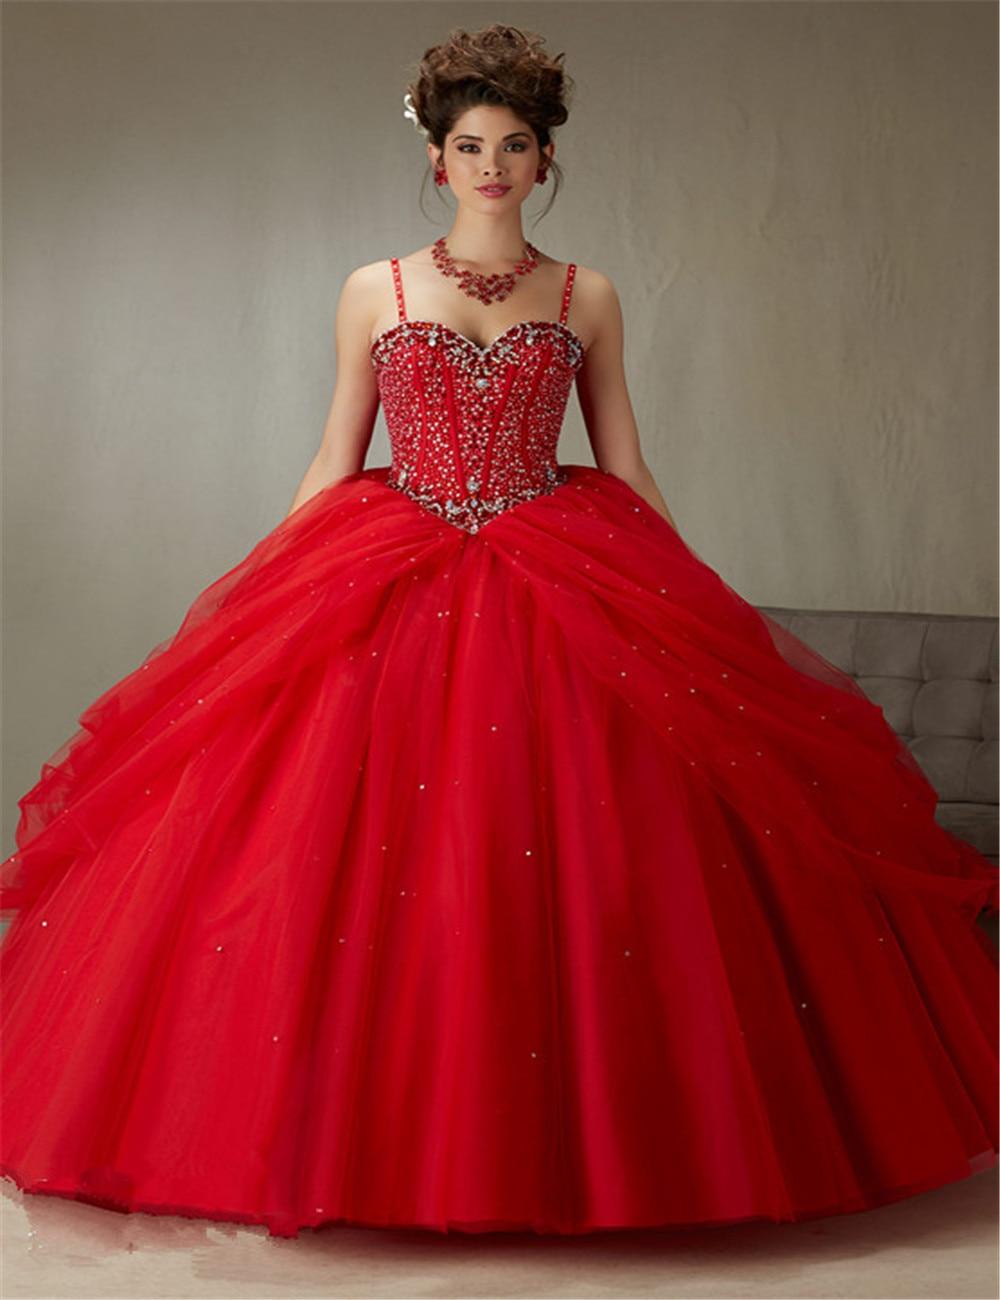 2016 El Último Diseño del vestido de Bola Vestido de Quinceañera Vestido Rojo Con Correa JSpaghetti